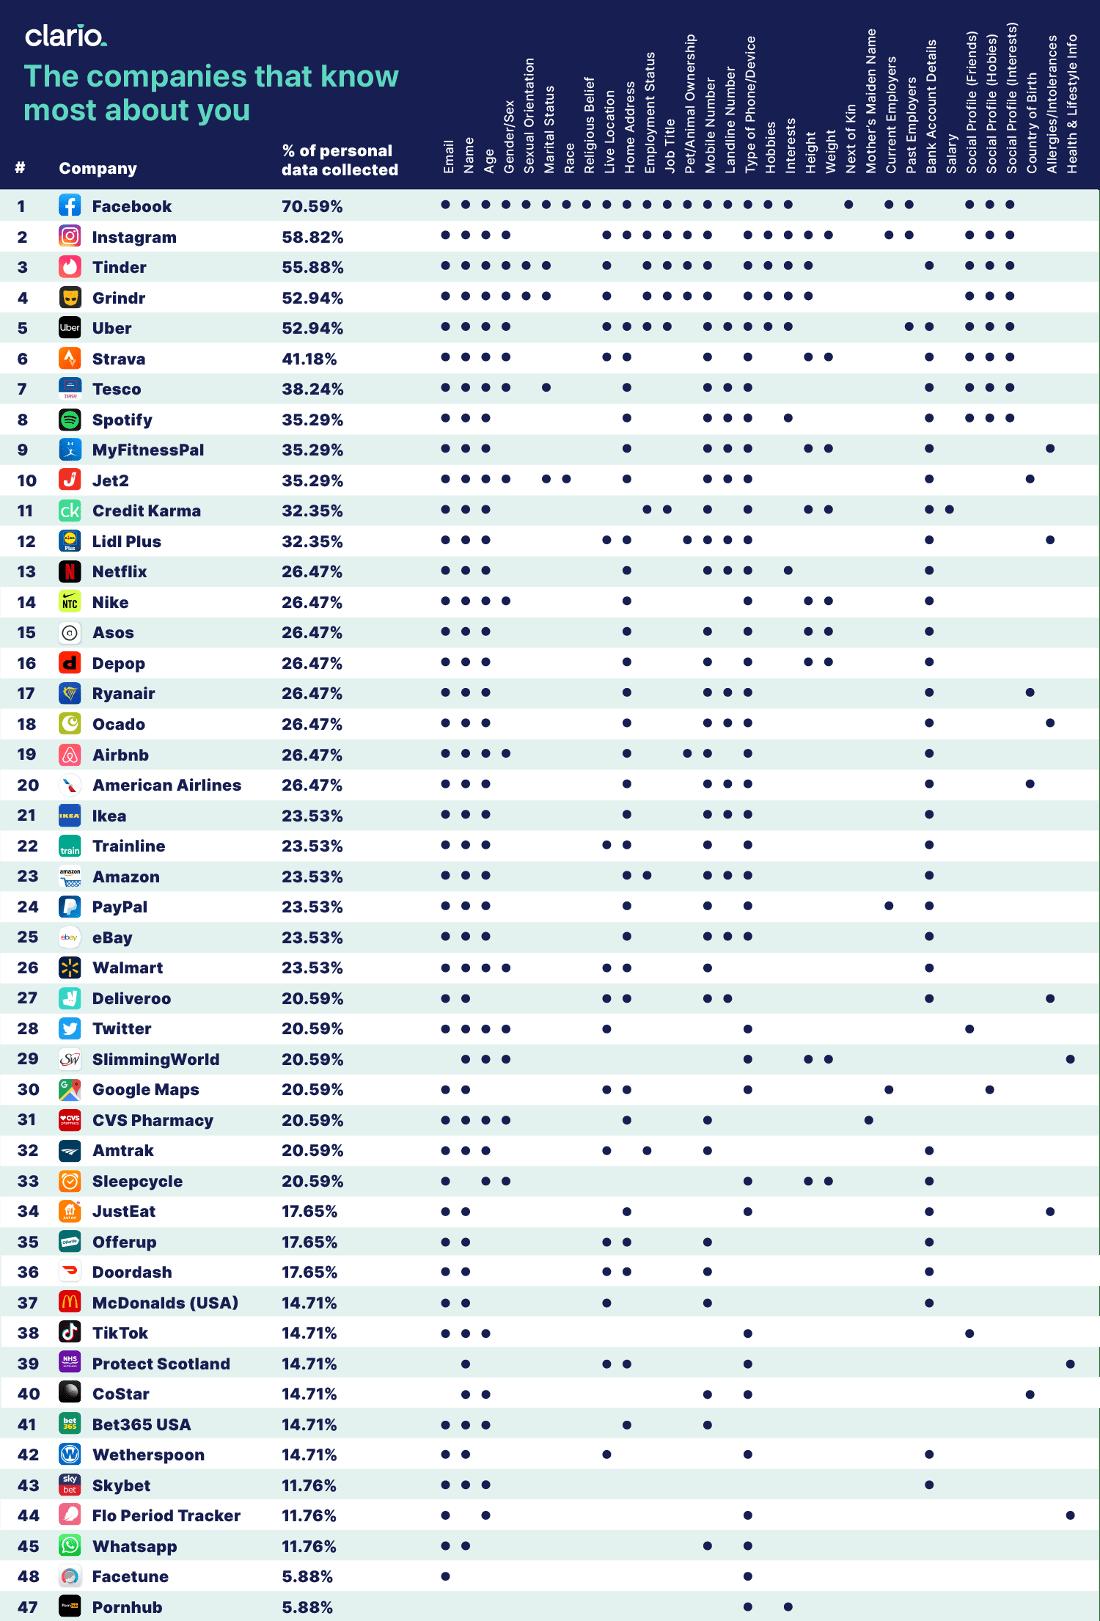 clario data collection map